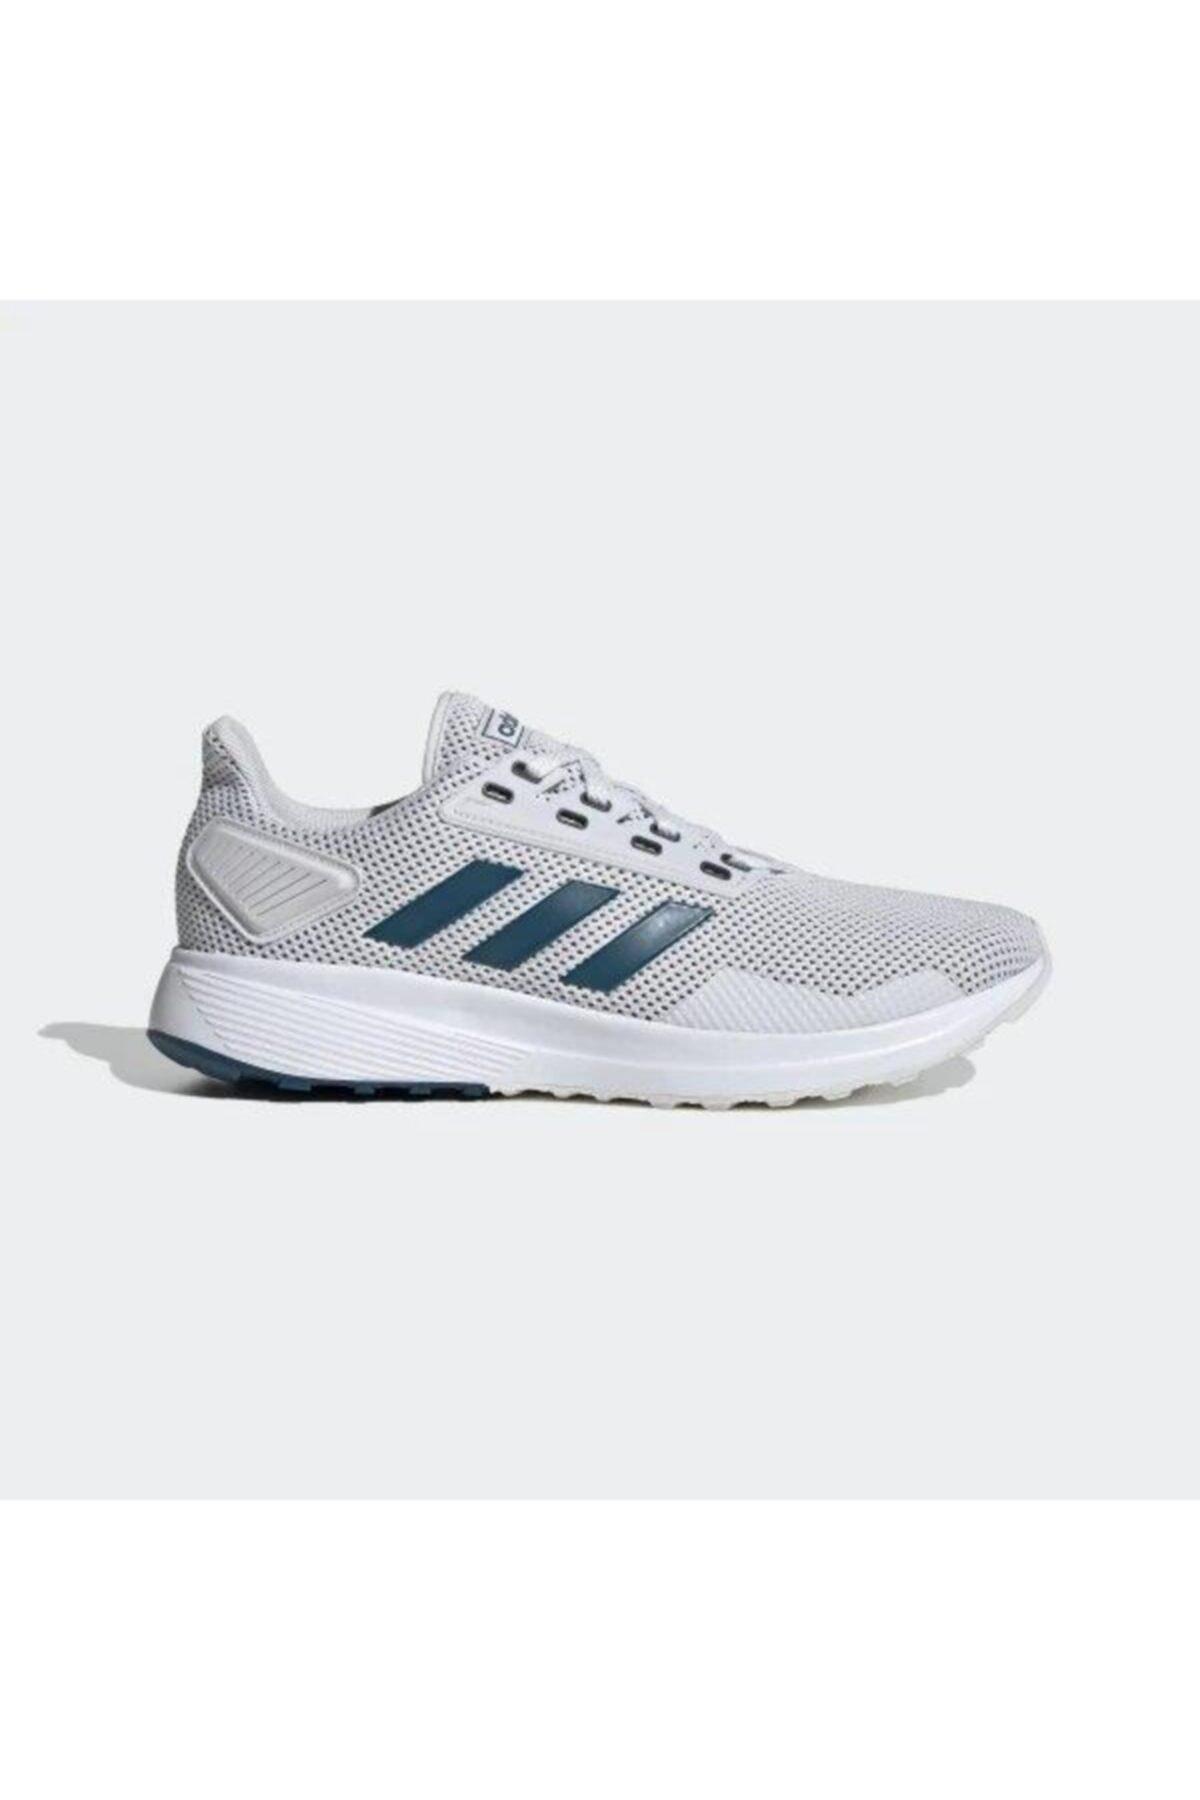 adidas DURAMO 9 Gri Erkek Koşu Ayakkabısı 100533689 2